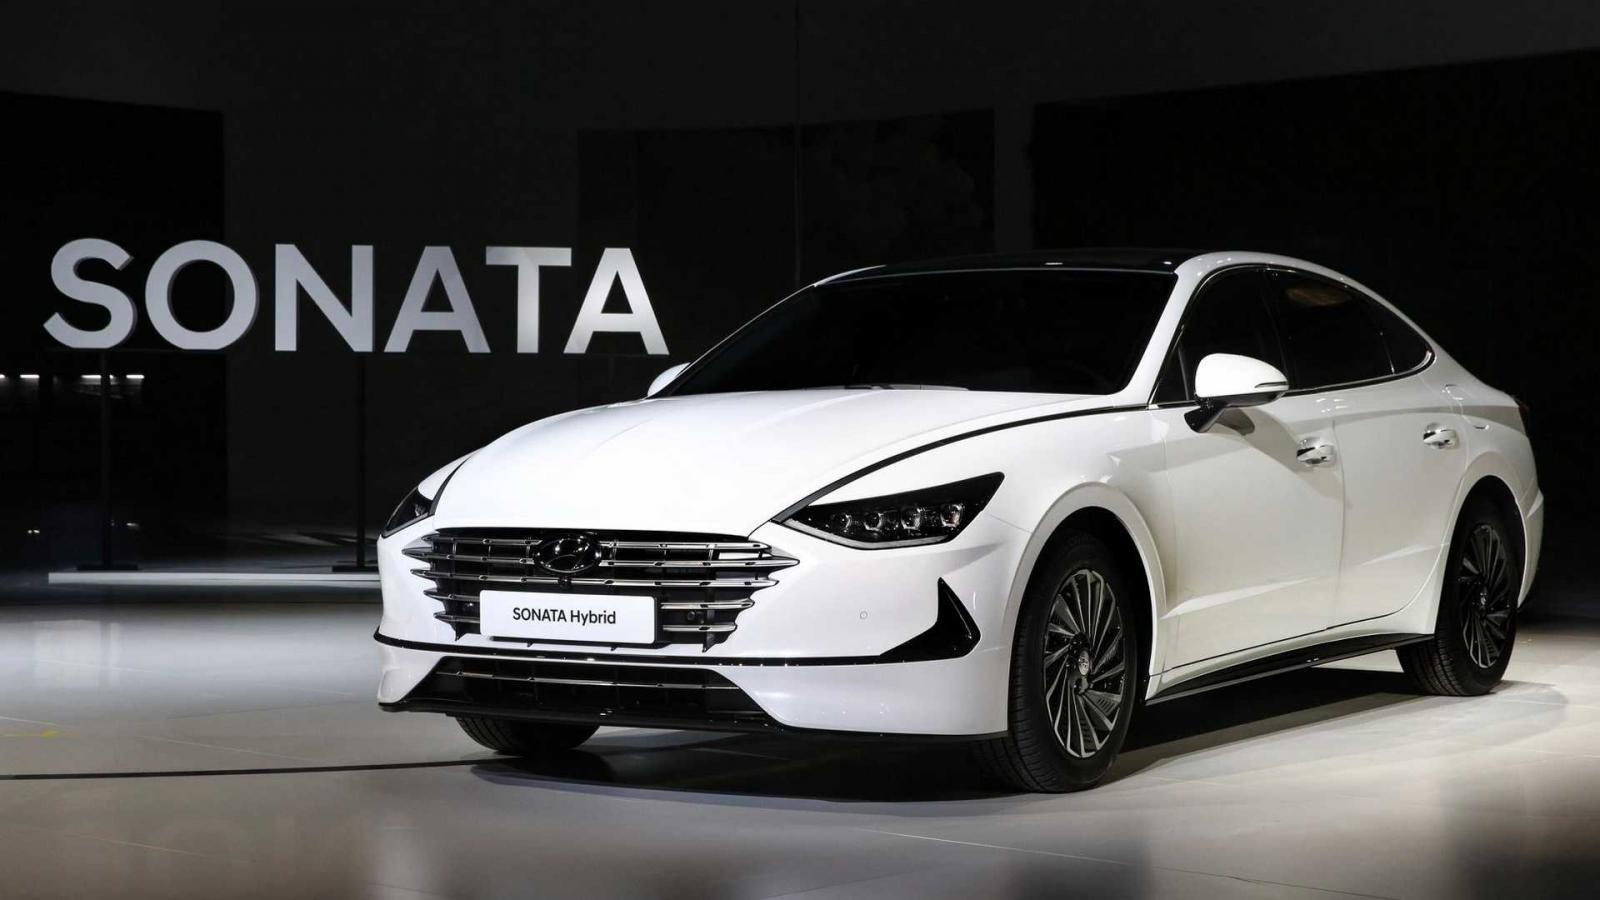 Hyundai Sonata thế hệ mới ra mắt đẹp hơn, mạnh hơn a5